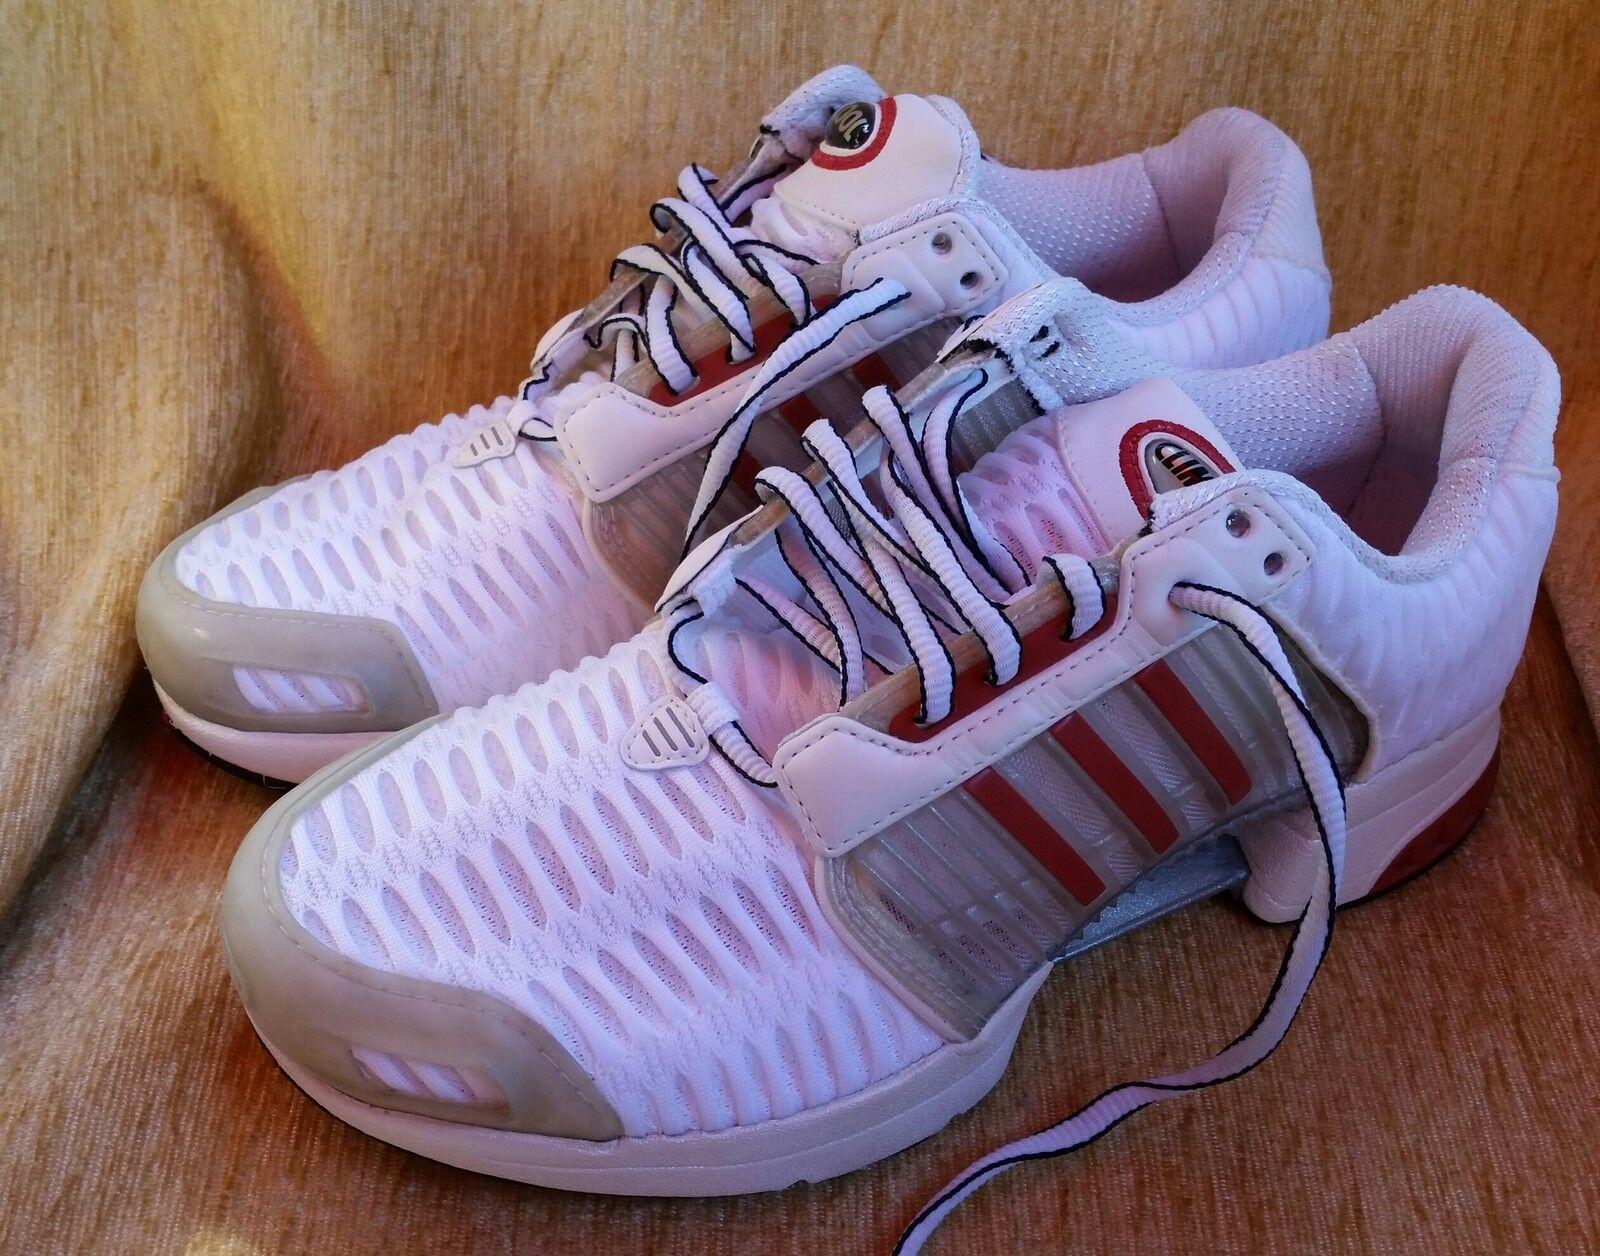 Neu  Unpaar   Adidas ClimaCool 1  Unpaar Gr. 40(links)/40,5(rechts)   Uk-Gr. 6,5/7 09b57d